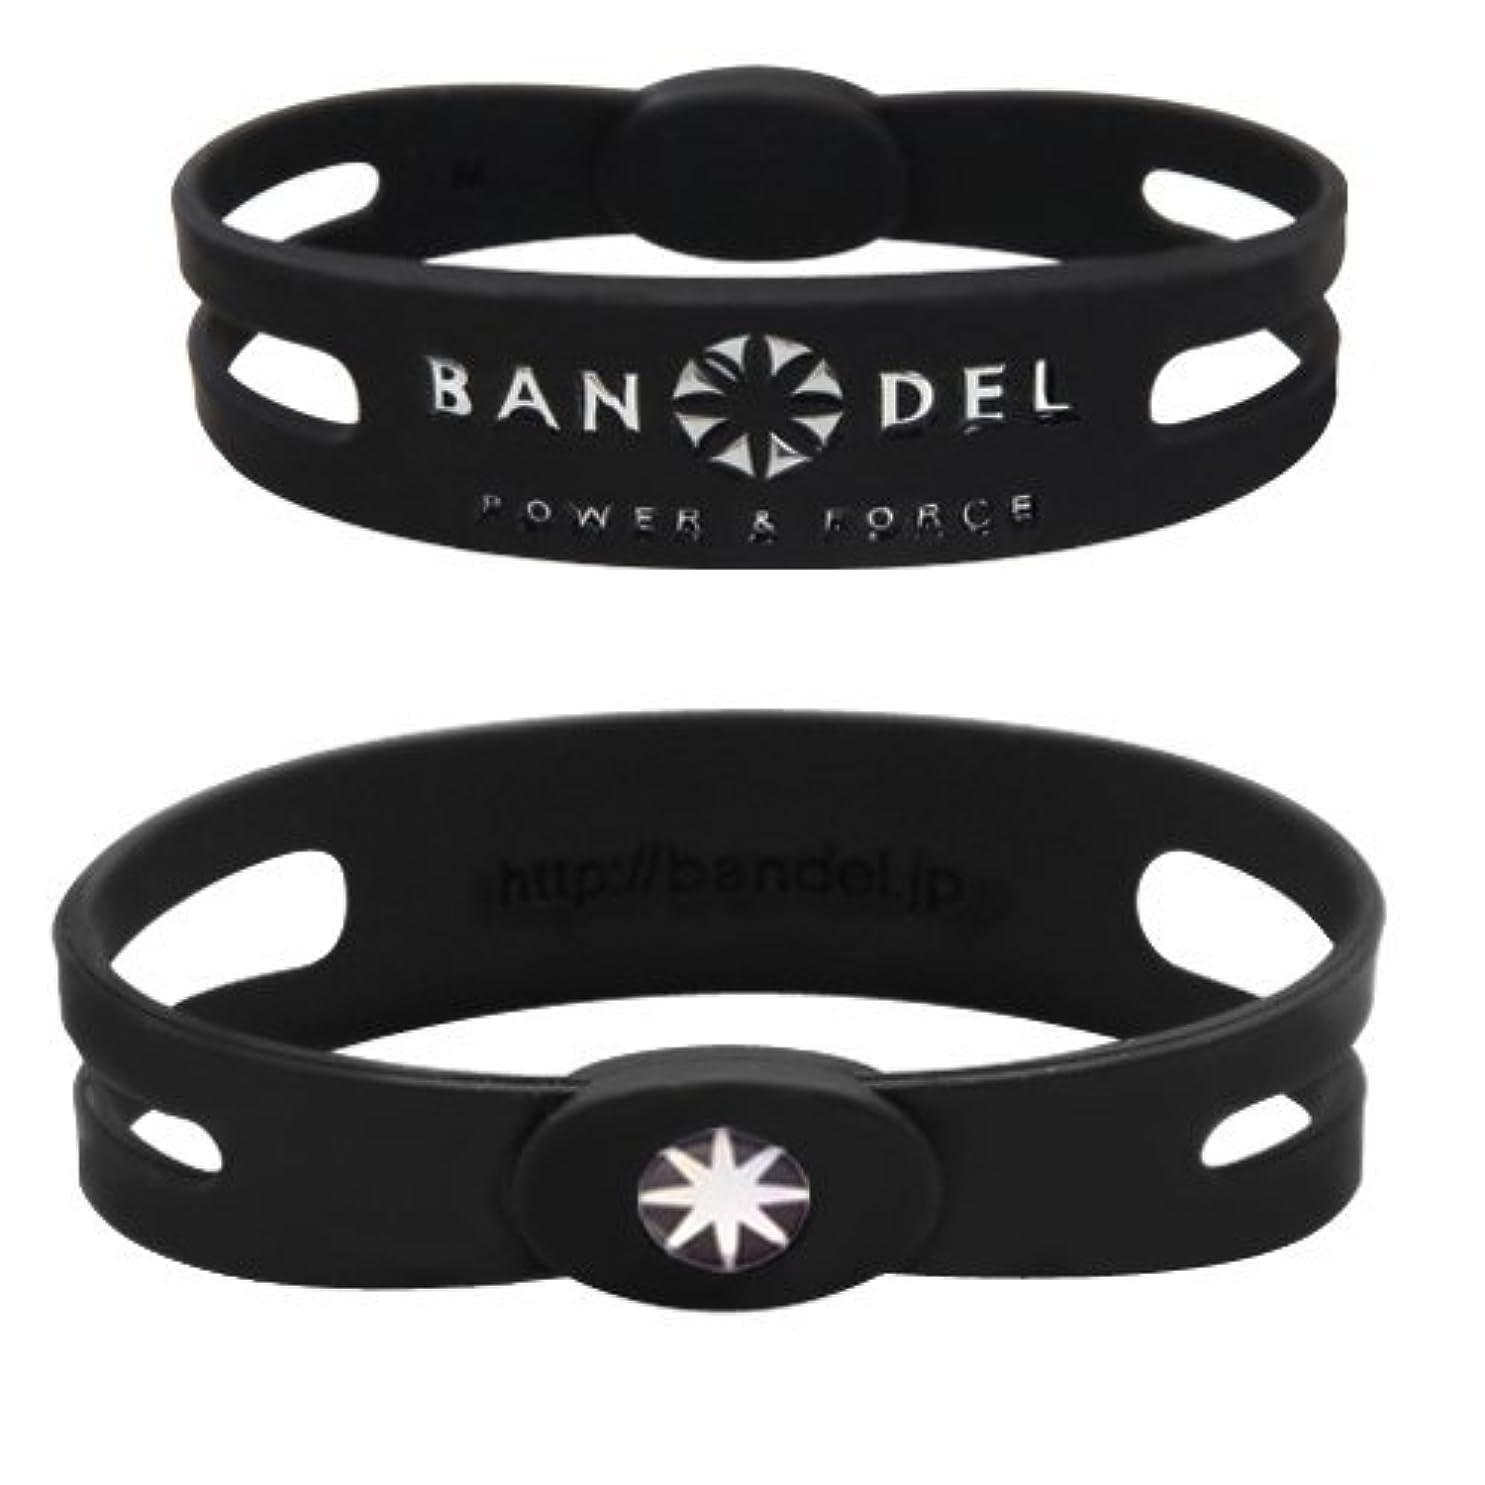 談話スポット後継バンデル(BANDEL) メタルプレート スポーツギア シリコンブレスレット(ブラック×シルバー) Sサイズ